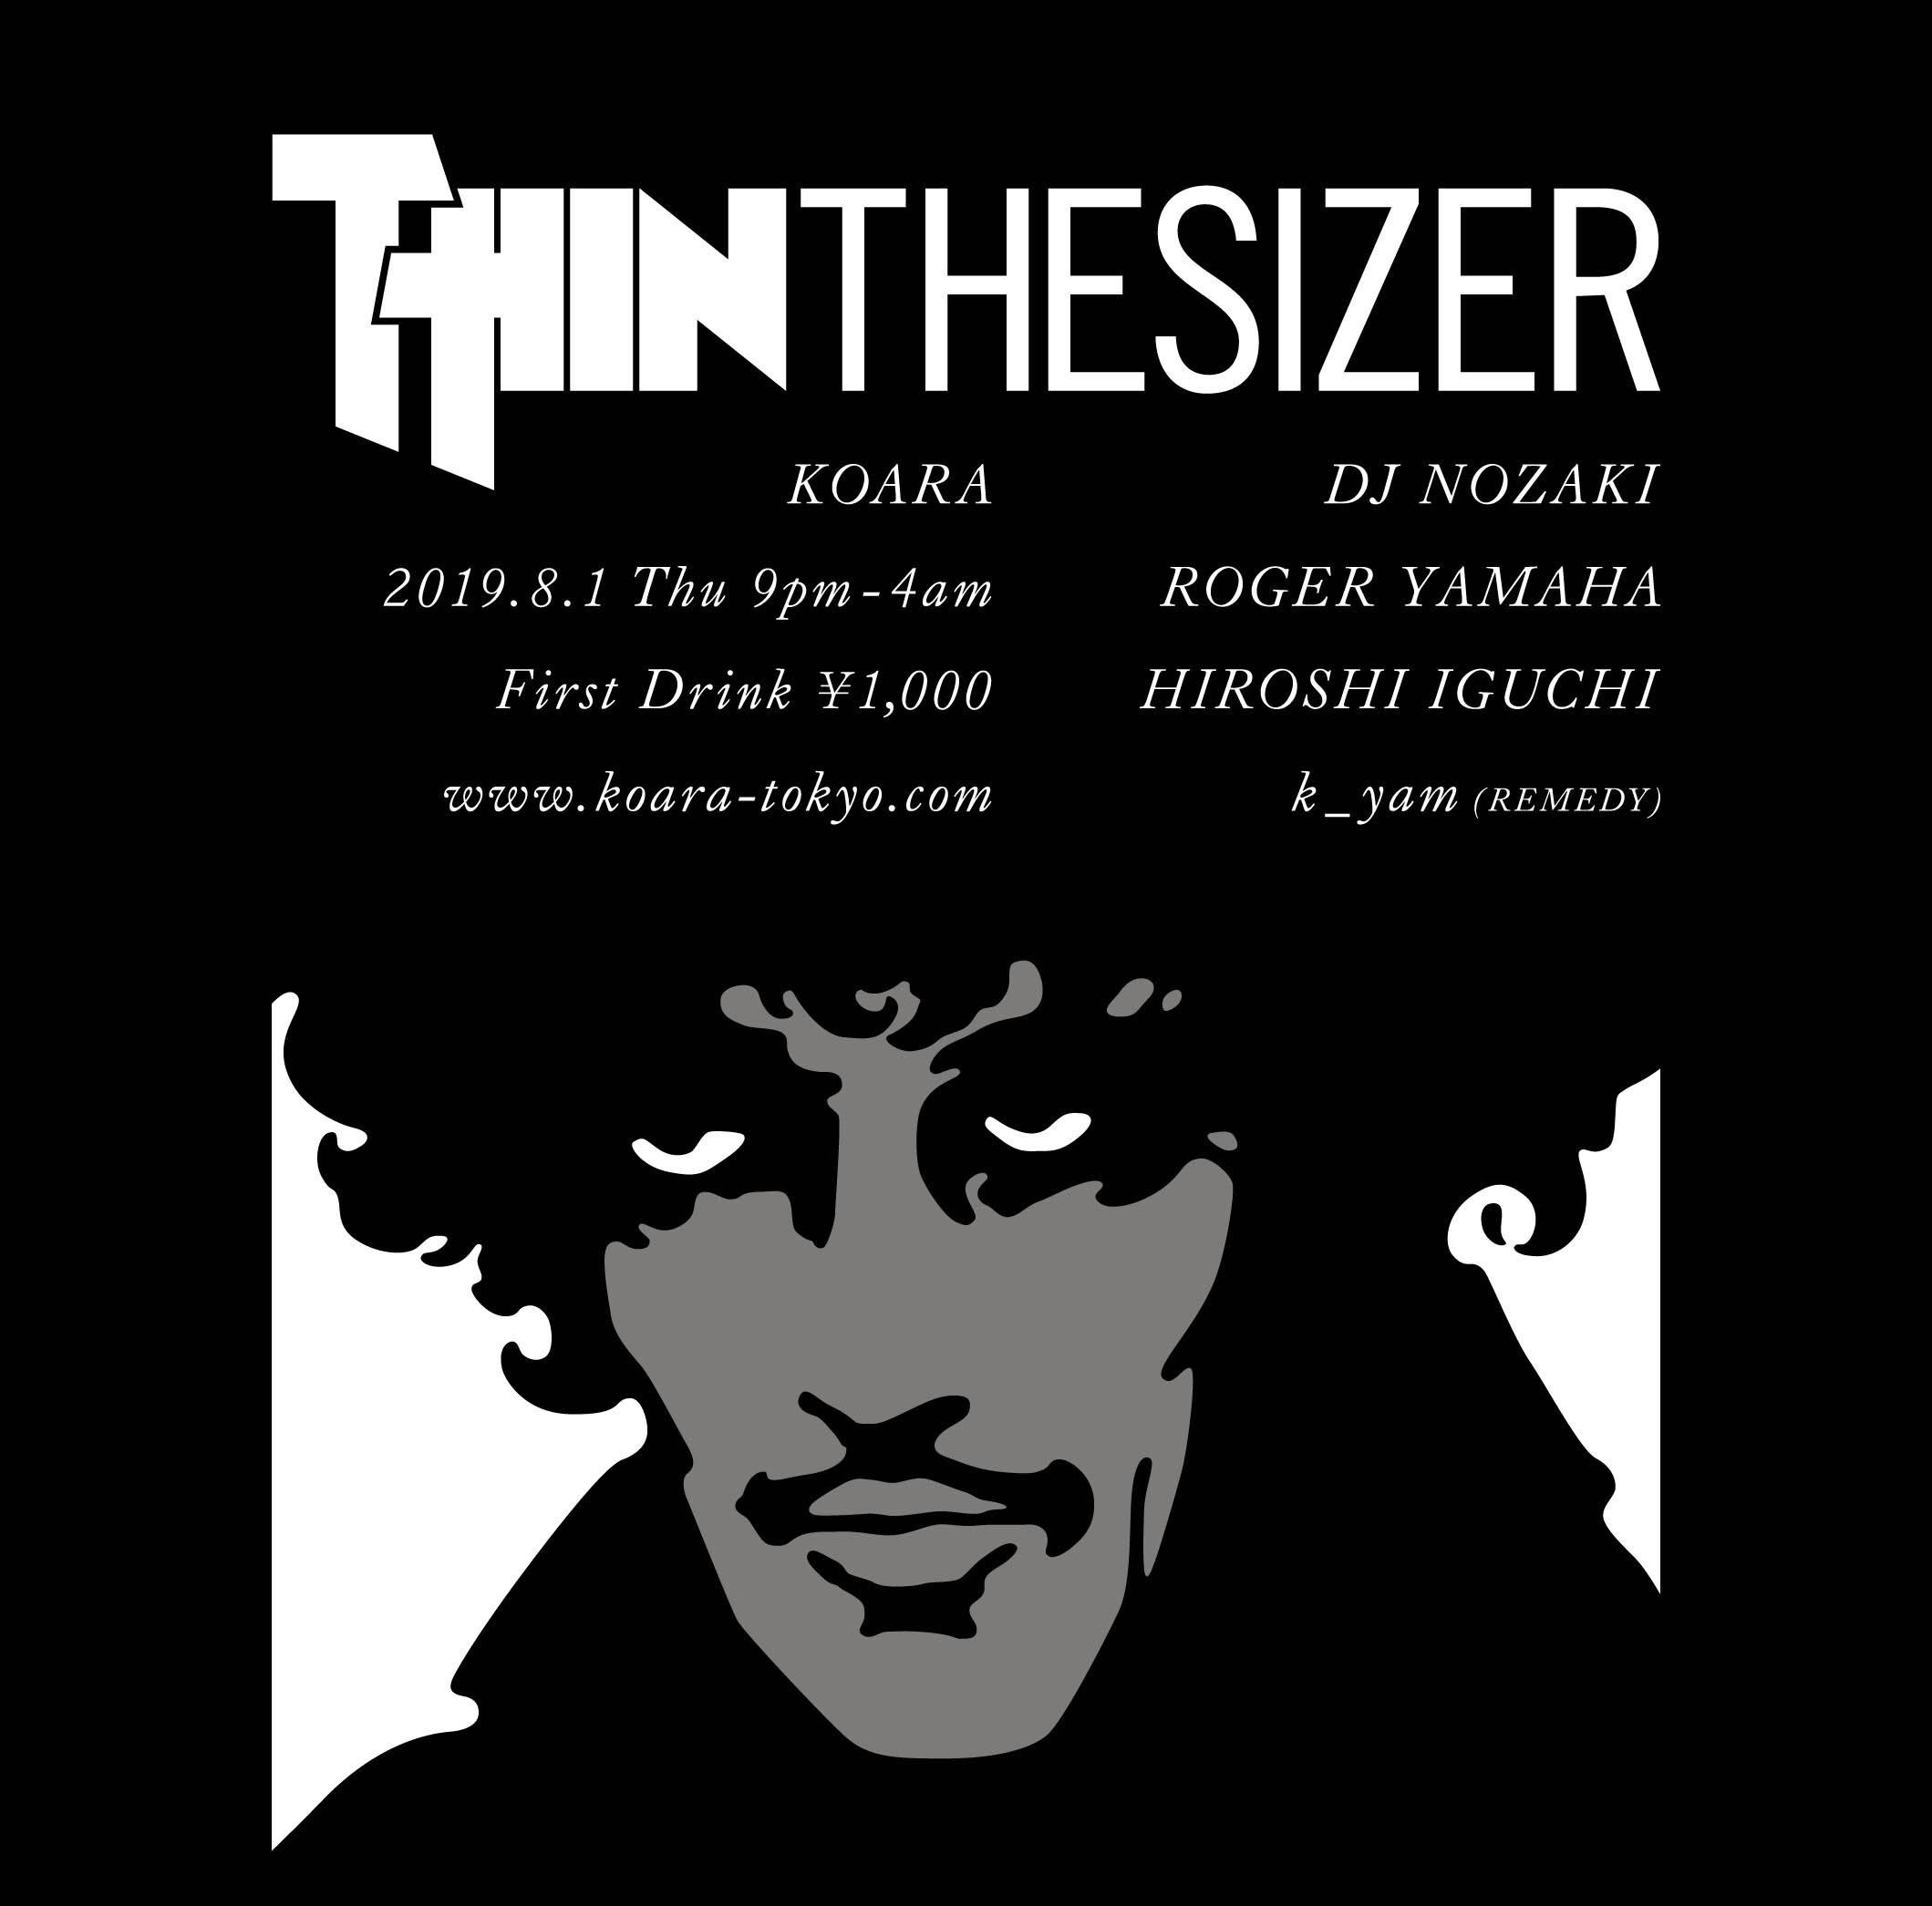 THINTHESIZER